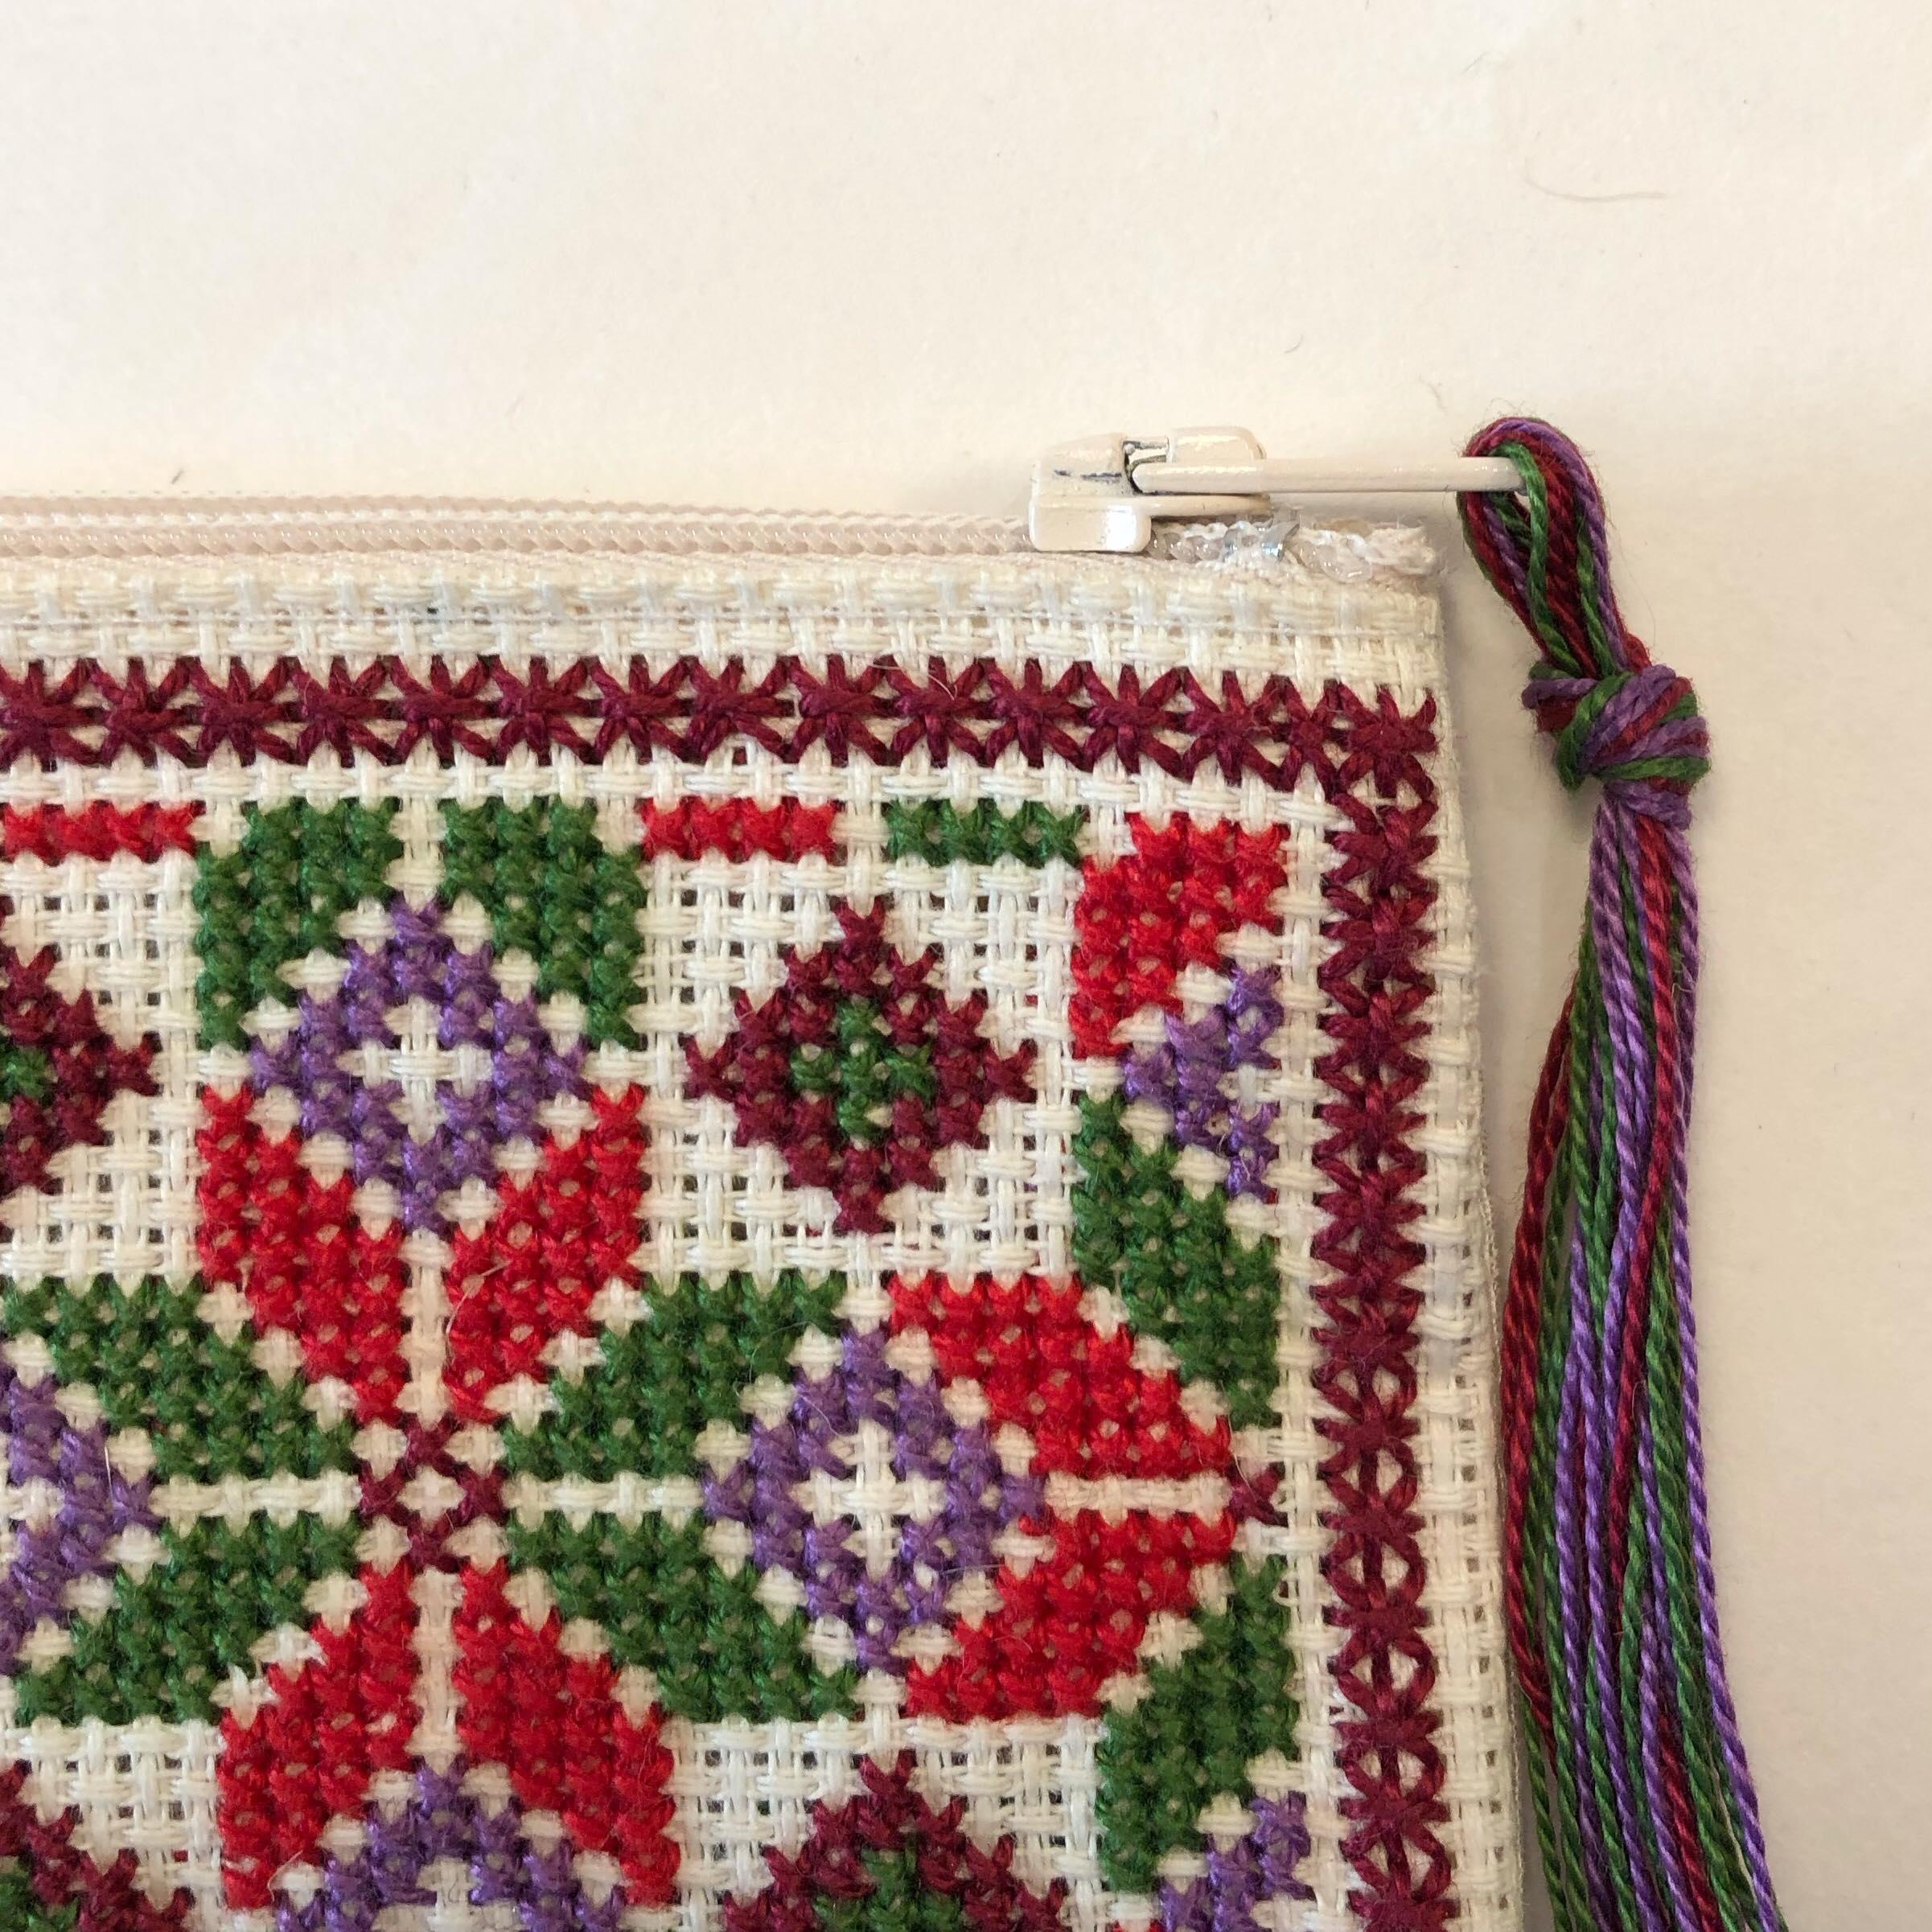 Liten brodert pung, hvit, rød og grønn